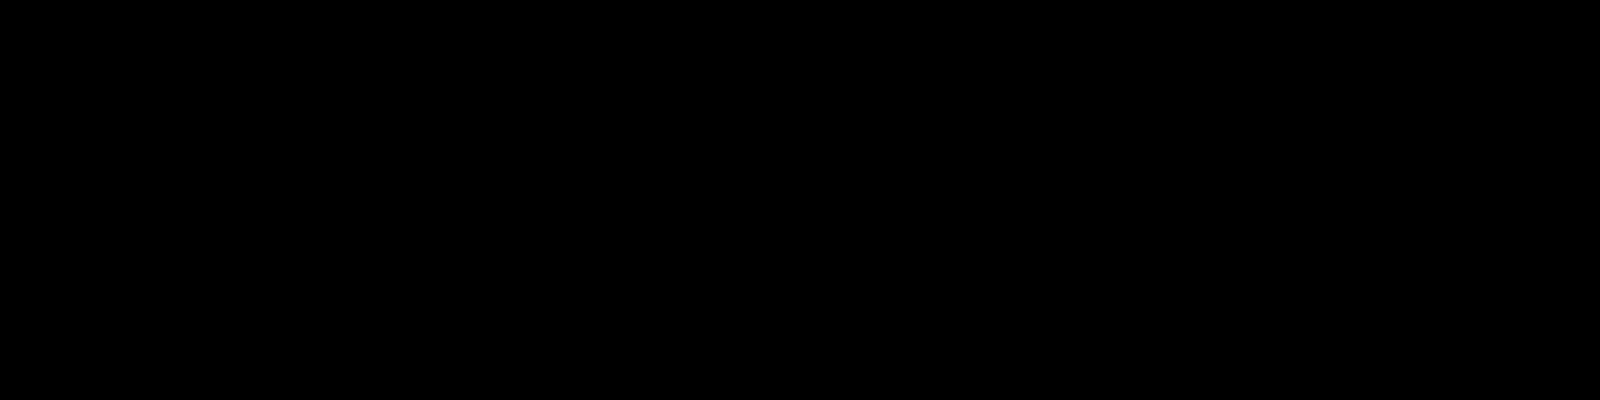 OTTAIPNU